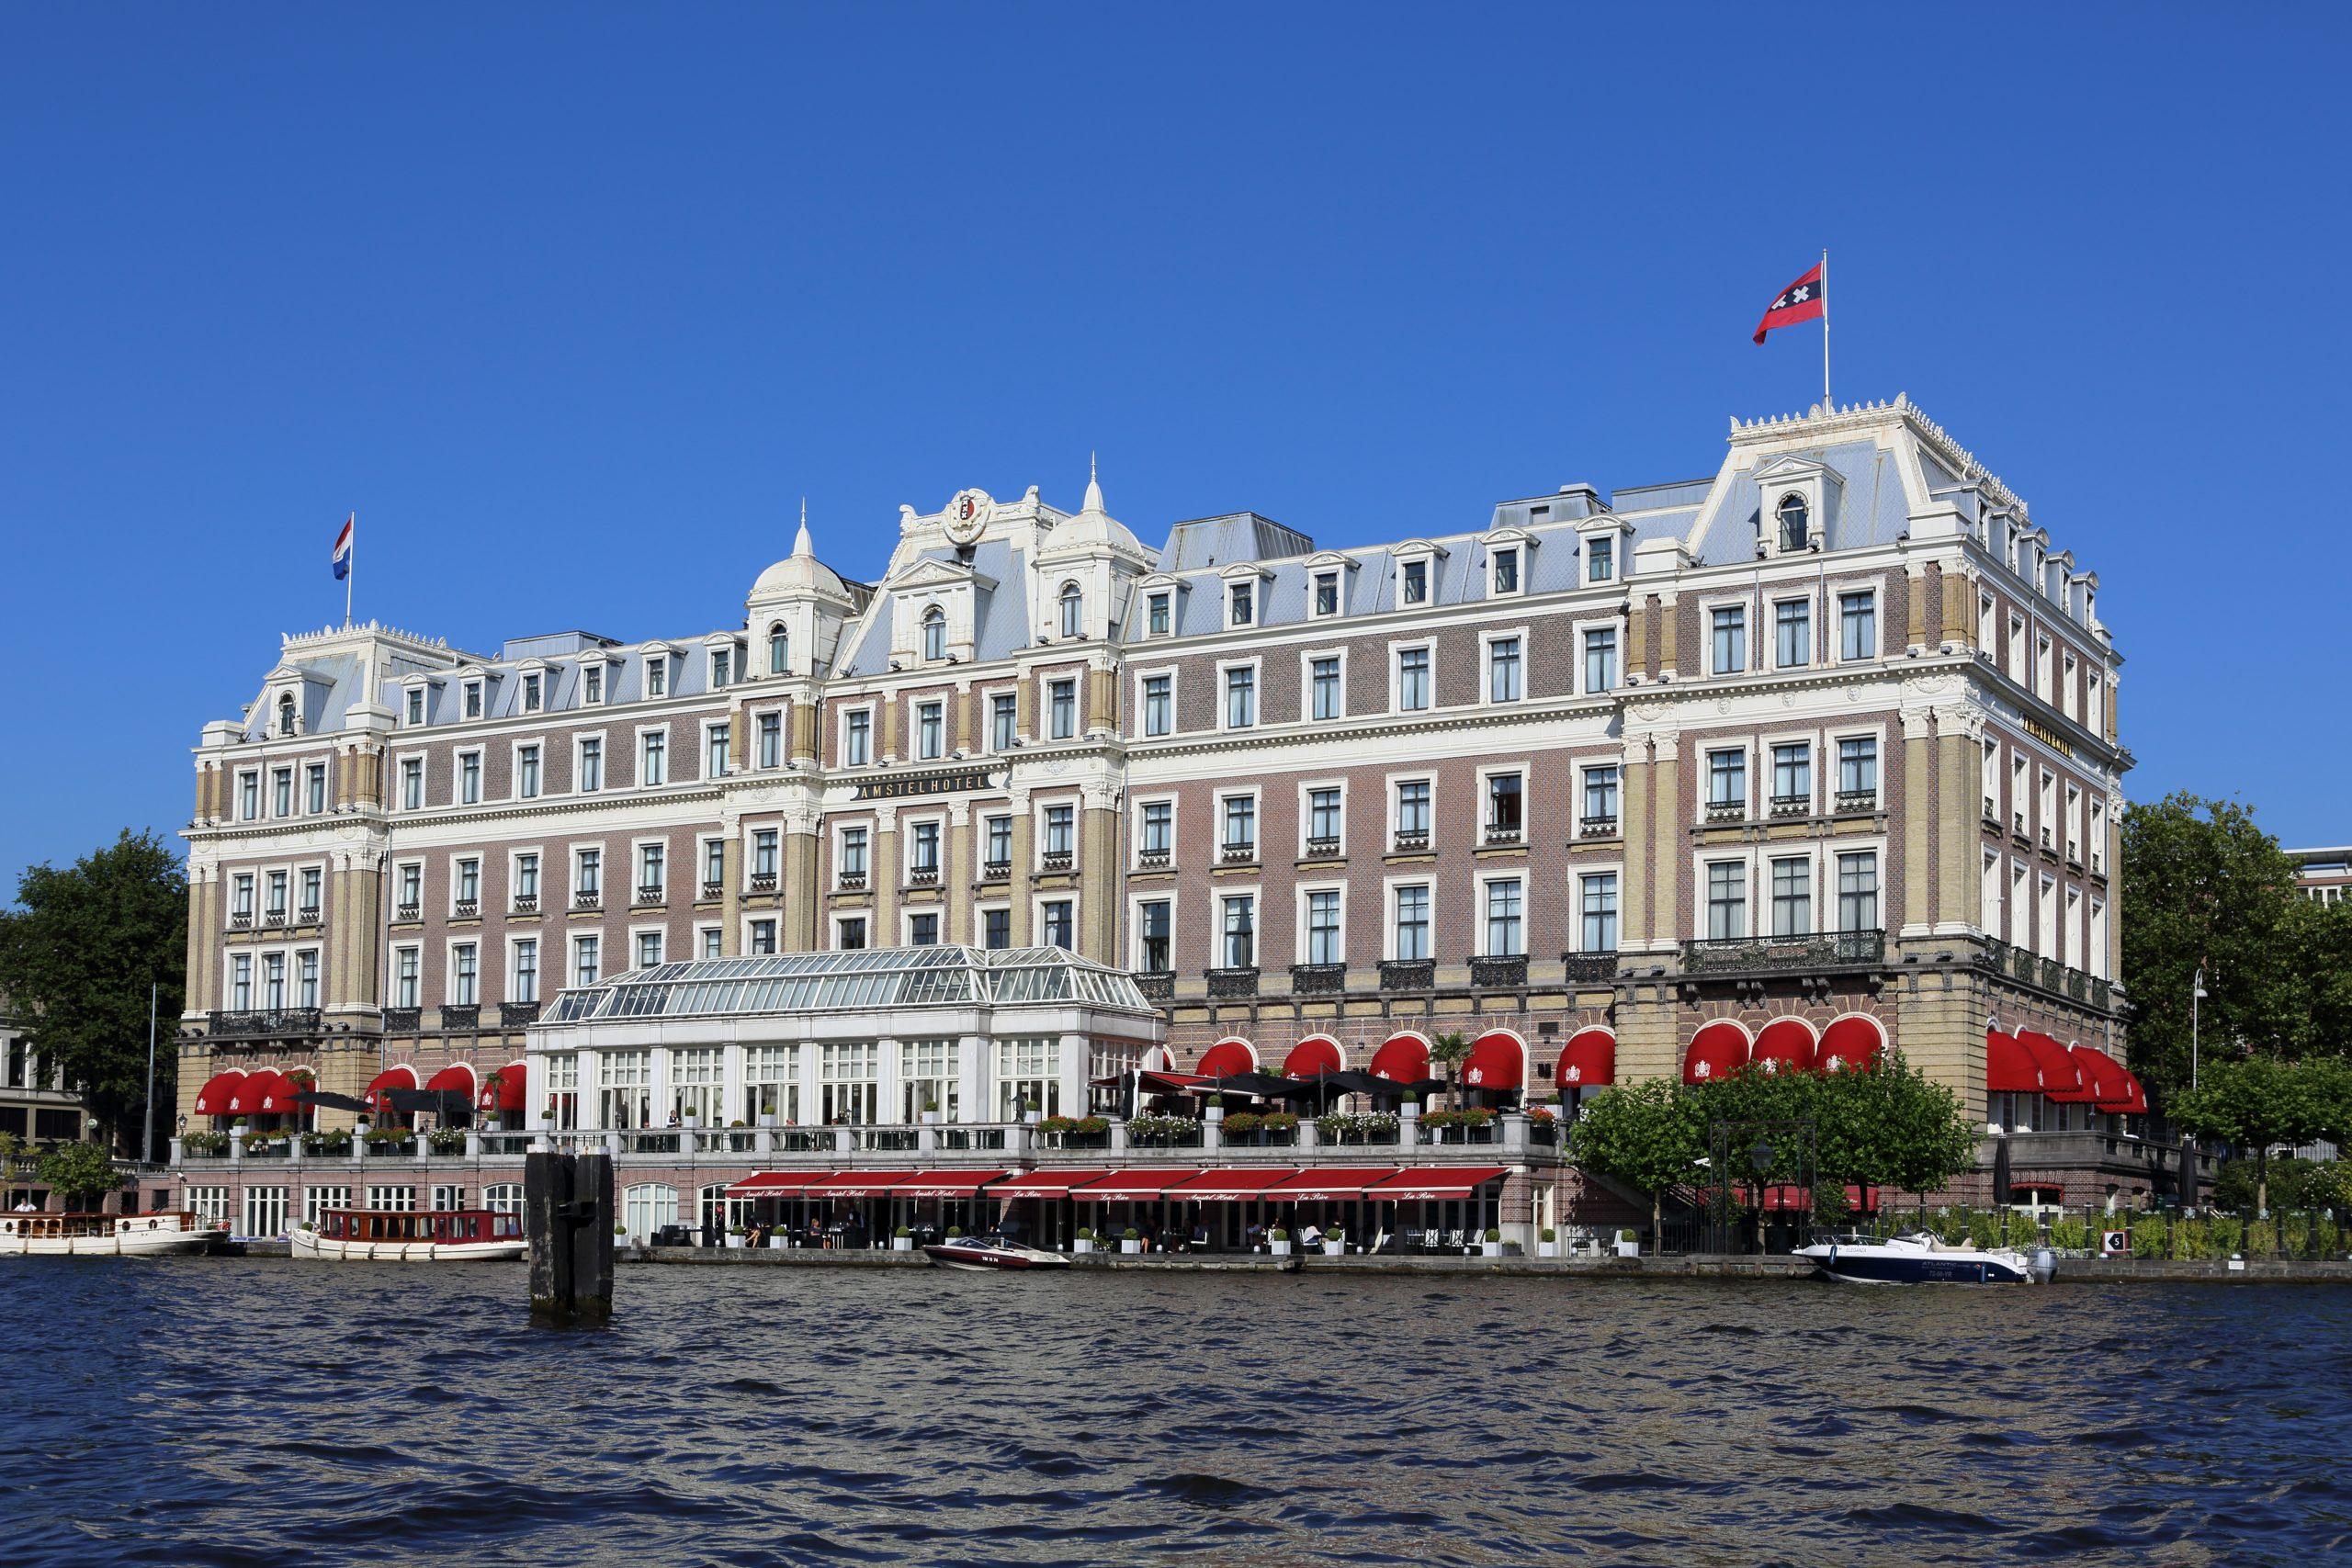 hôtels de luxe aux Pays-Bas